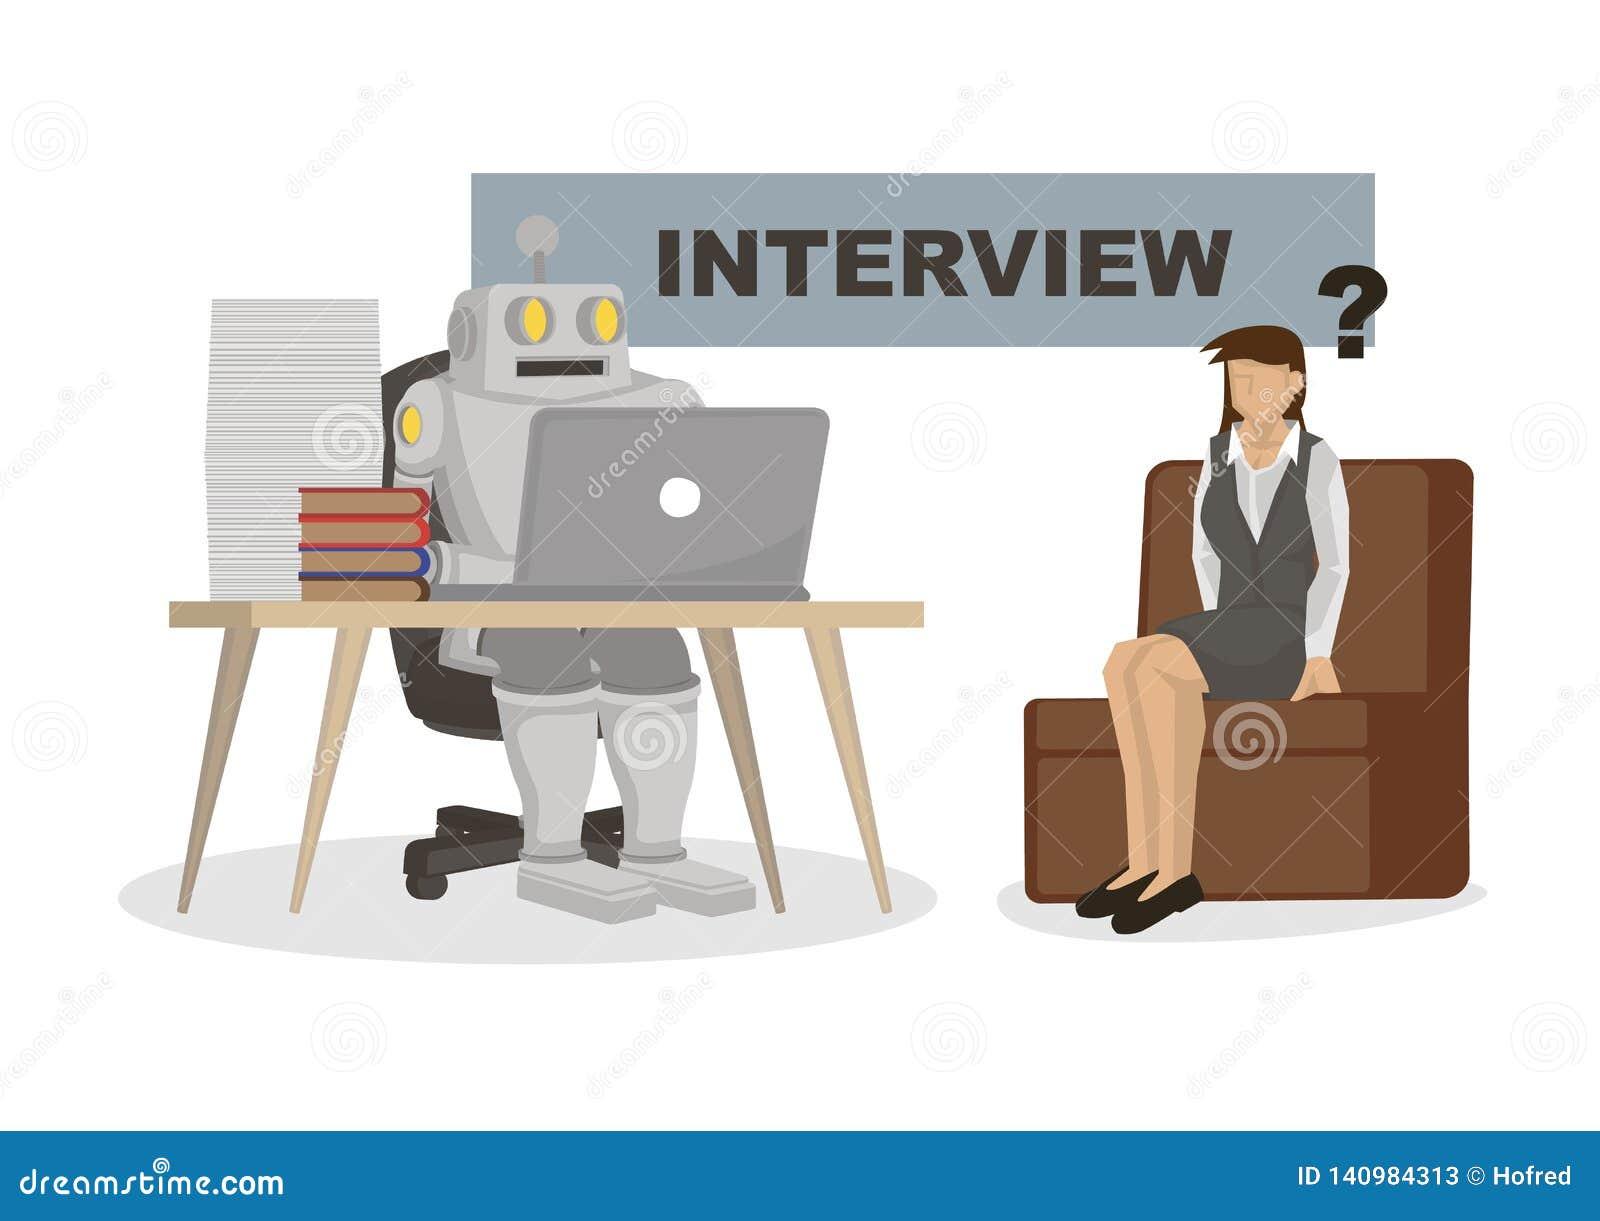 Ρομπότ που παίρνει συνέντευξη από έναν εργαζόμενο γραφείων Απεικονίζει την αυτοματοποίηση, τη μελλοντική αγορά εργασίας και την τ